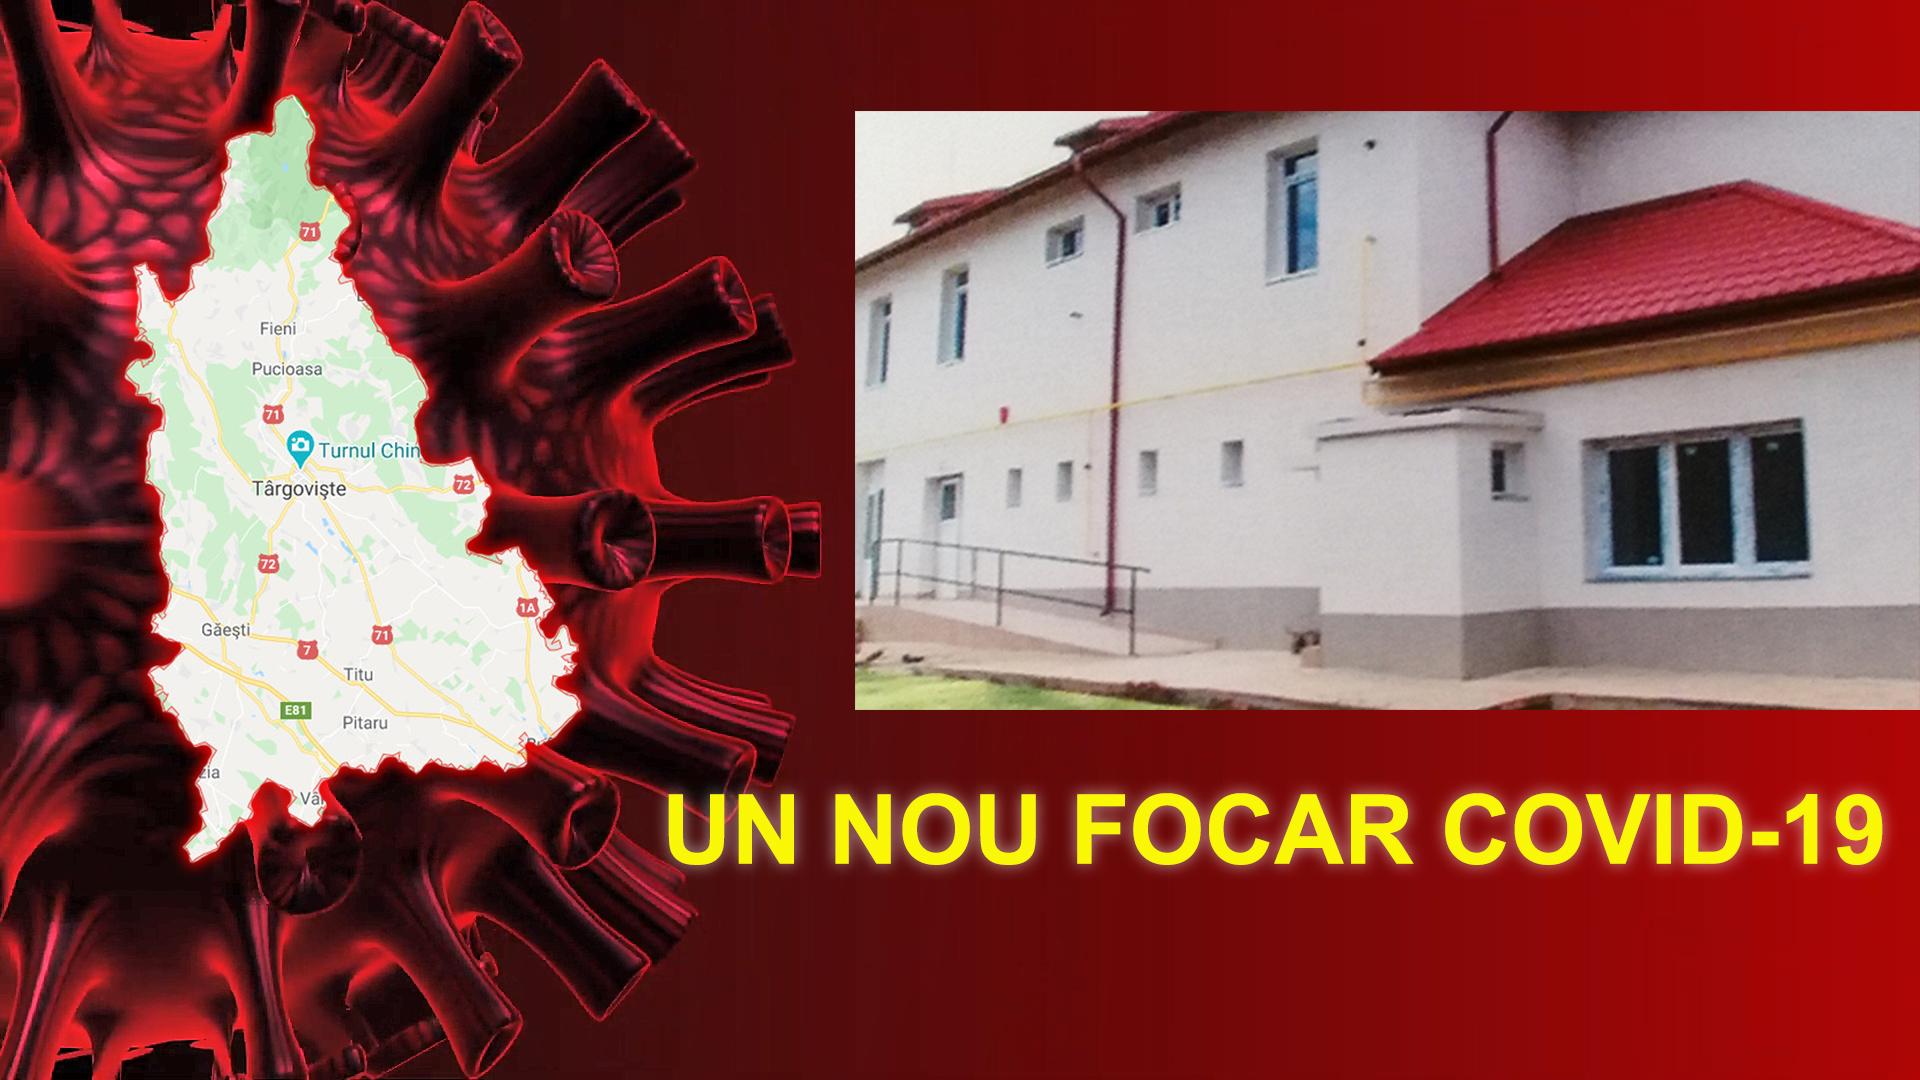 Până astăzi, 25 iunie, pe teritoriul României, au fost confirmate 25.286 cazuri de persoane infectate cu virusul COVID – 19 (coronavirus). Dintre persoanele confirmate pozitiv, 17.906 au fost declarate vindecate și externate.